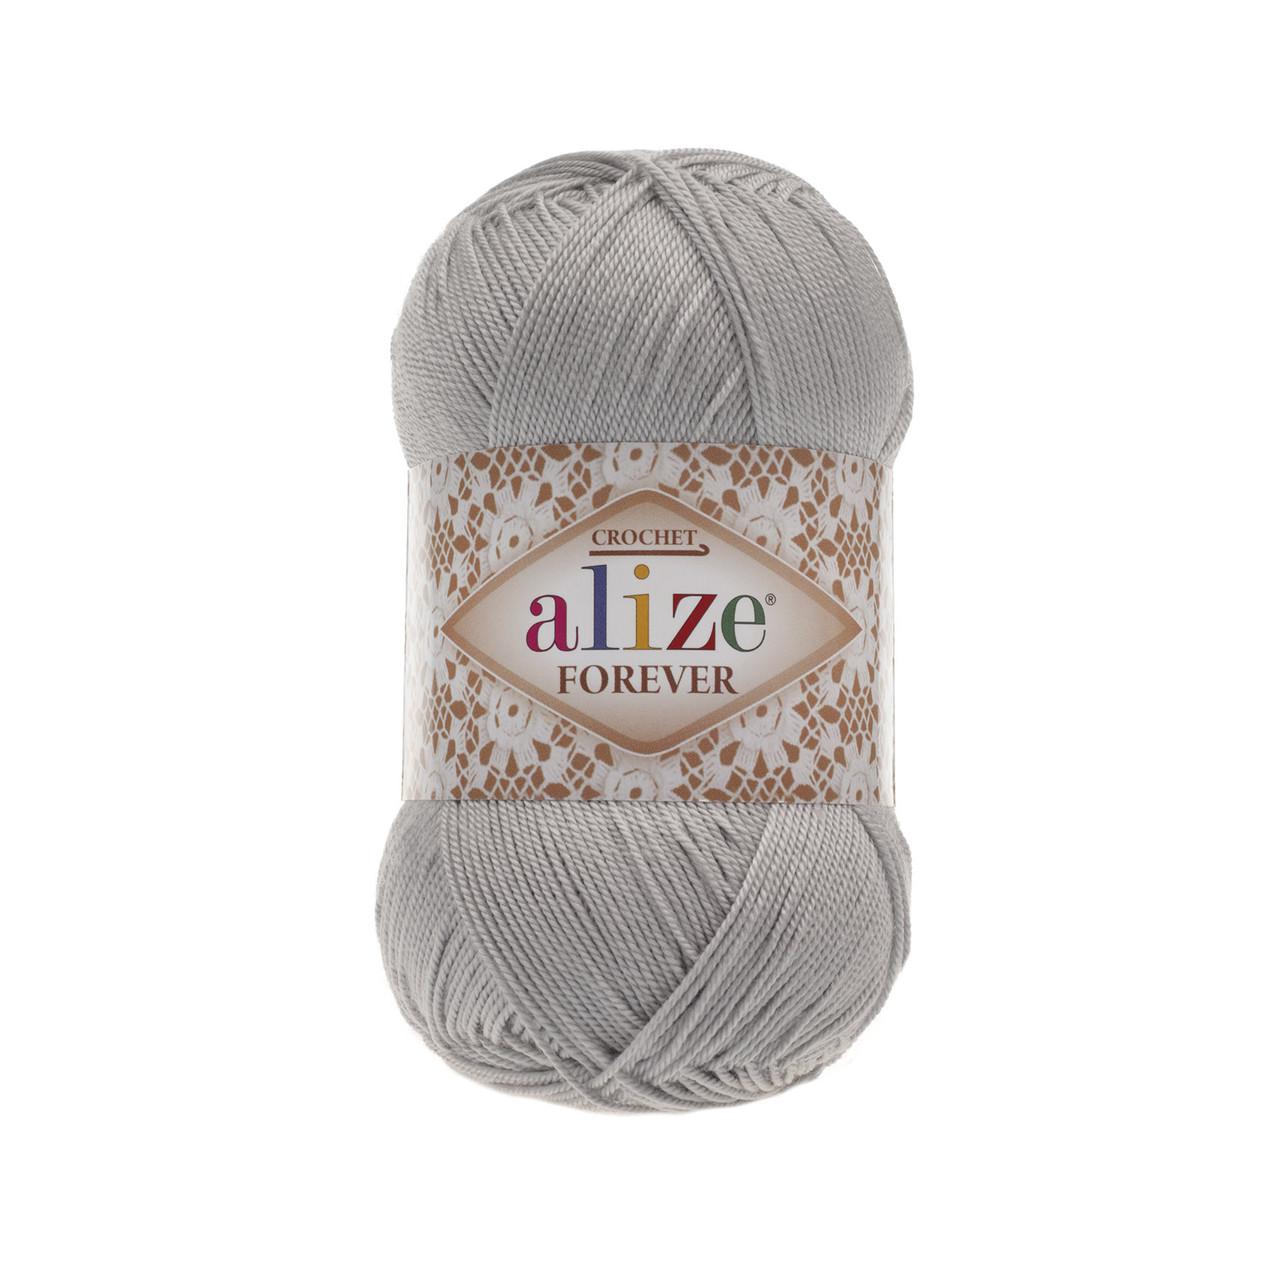 Пряжа Ализе Форевер Alize Forever, цвет №52 светло серый